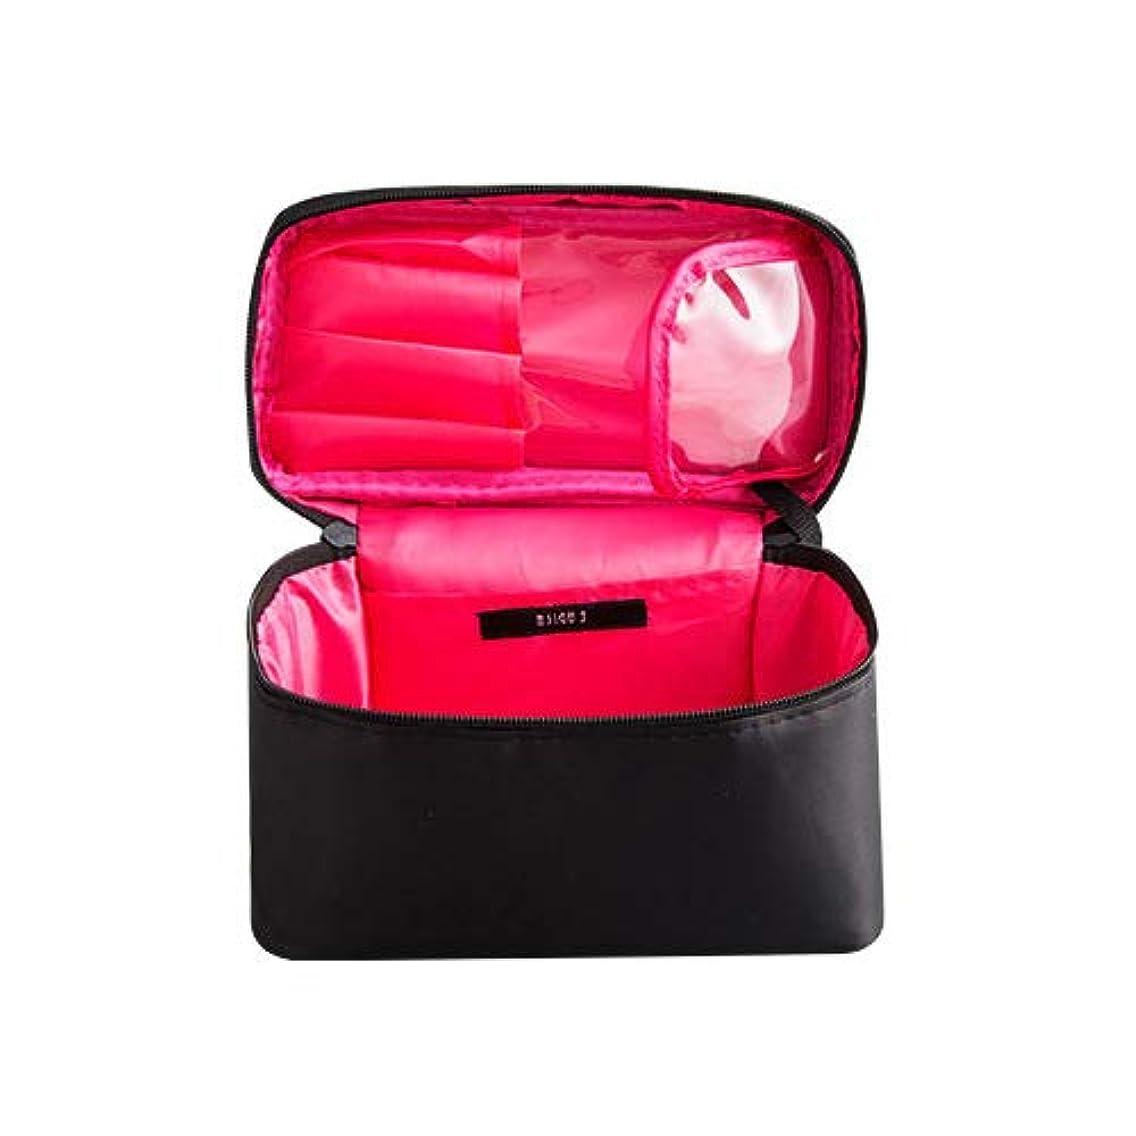 思われる日付平凡メイクボックス プロ用 化粧バッグ 化粧箱 大容量 普段使い 出張 旅行 トラベルポーチ